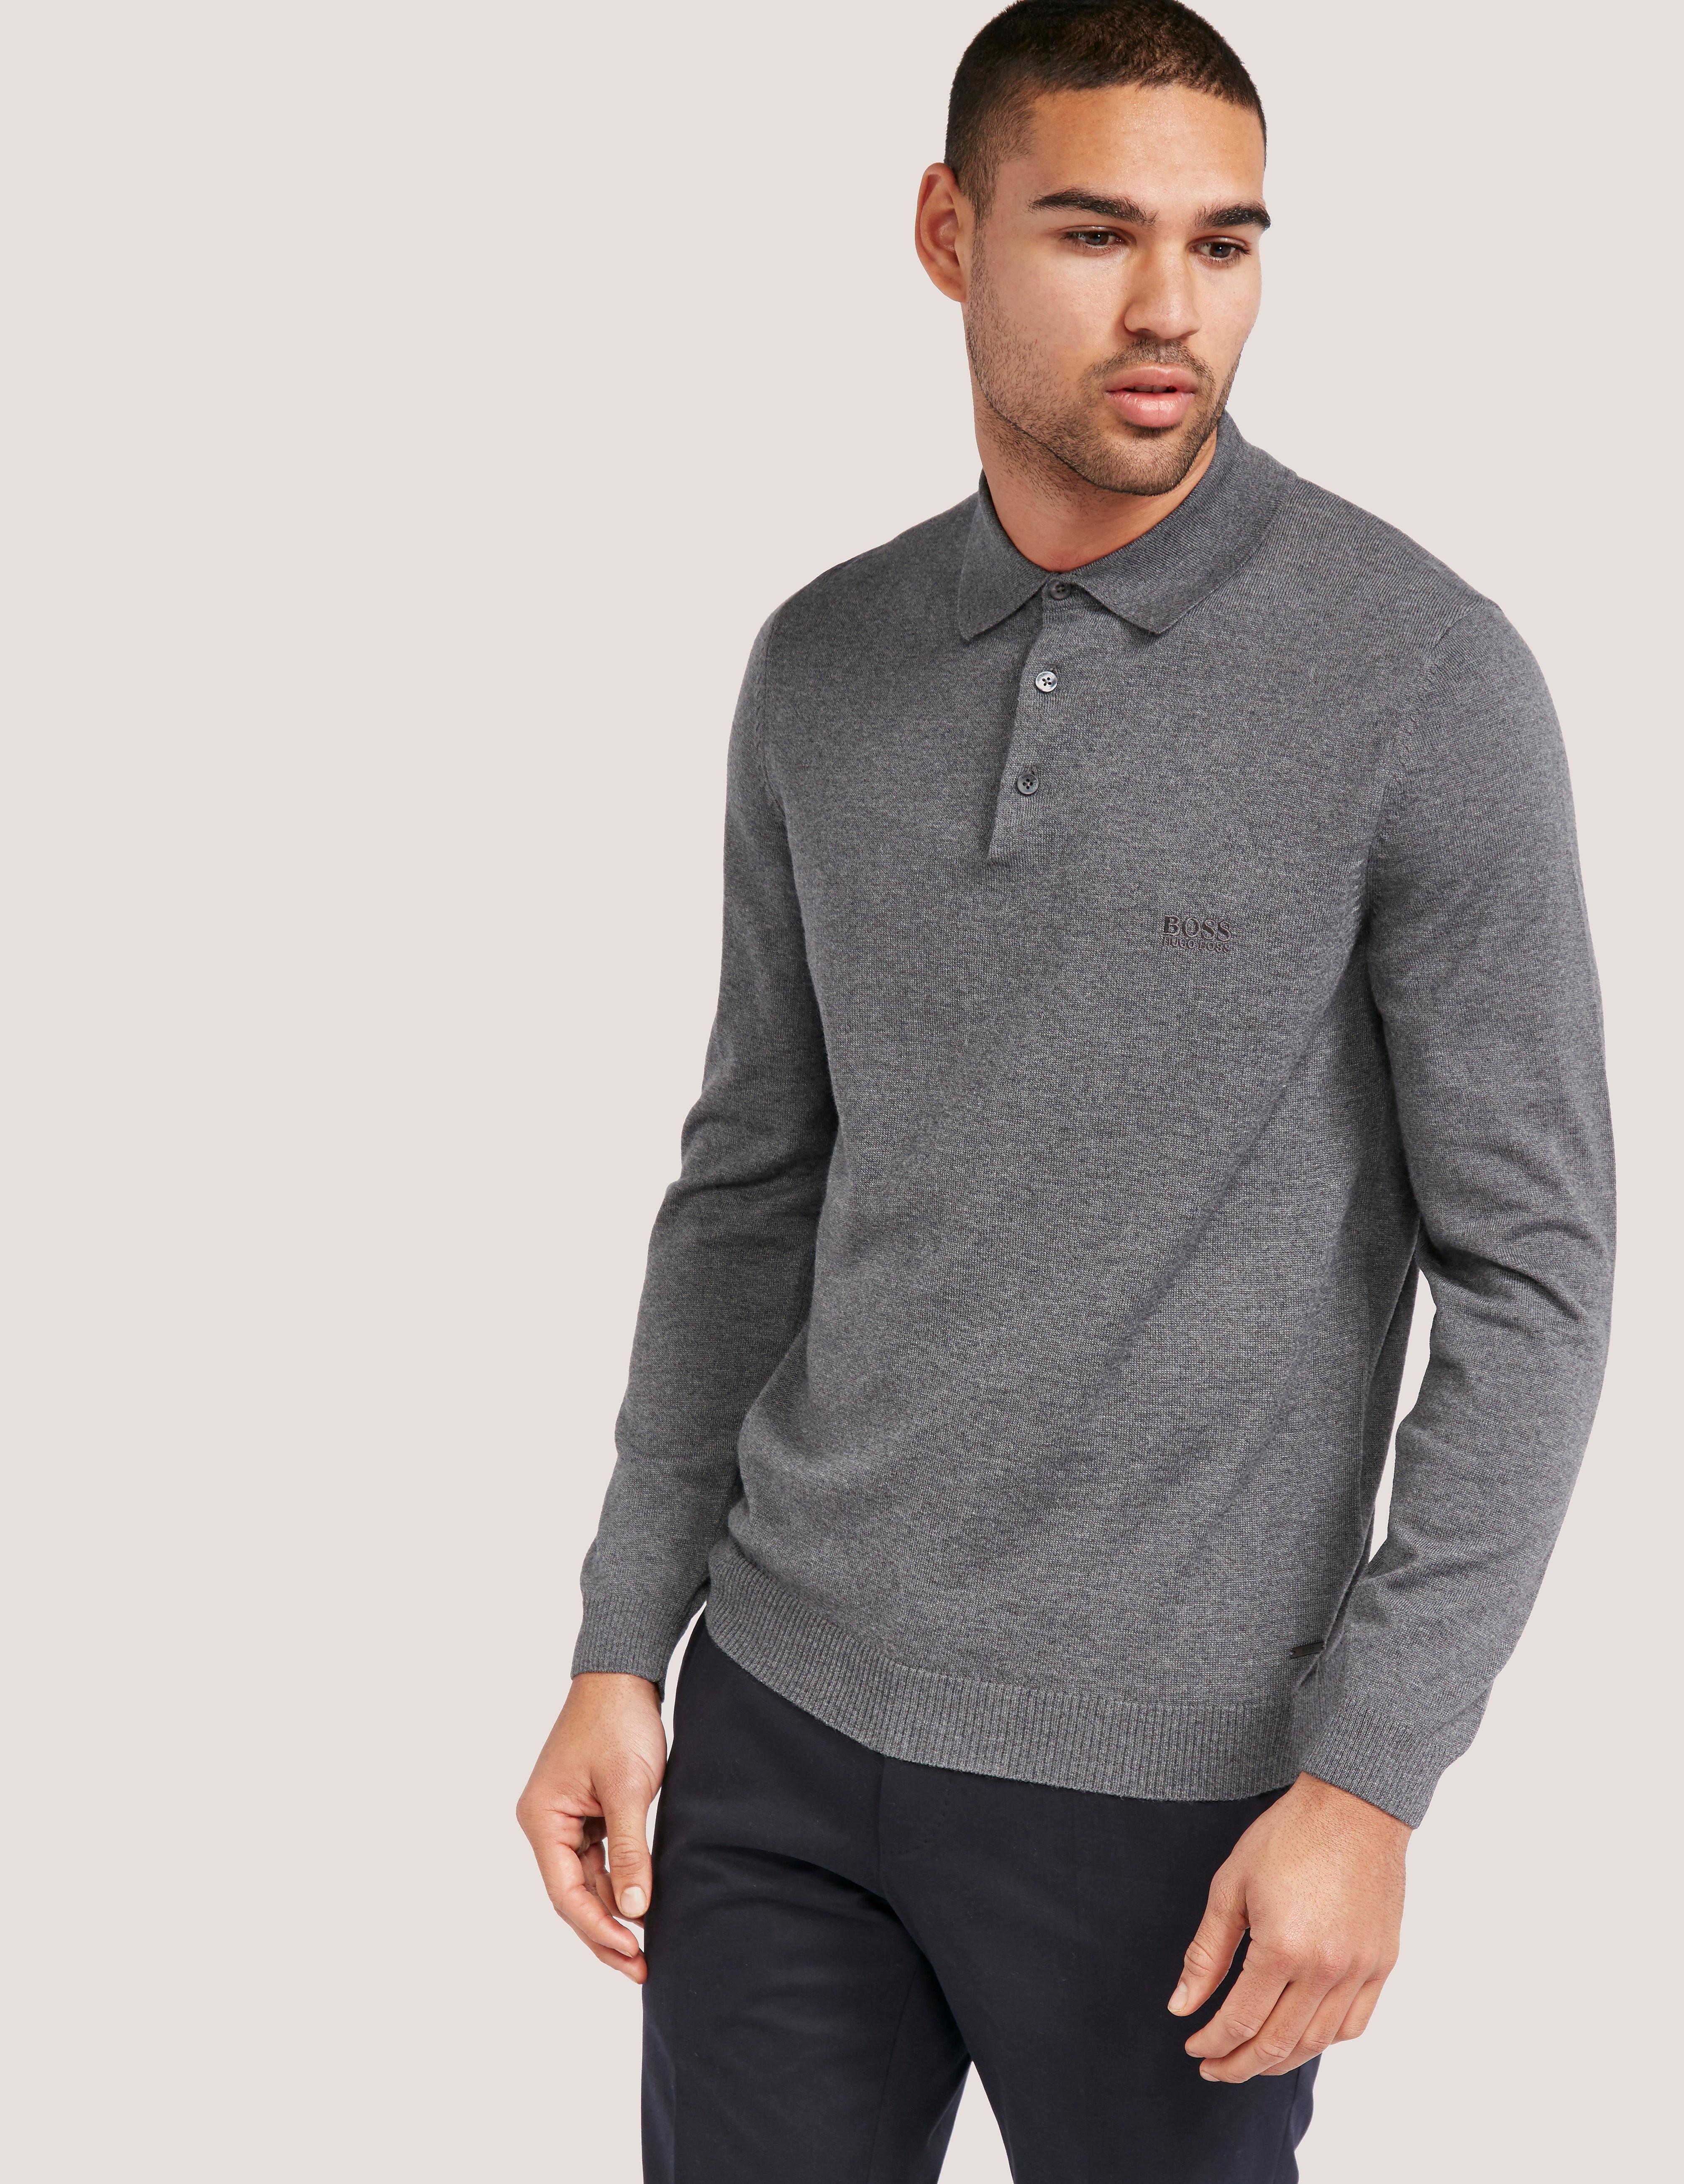 BOSS Banet Long Sleeve Polo Shirt